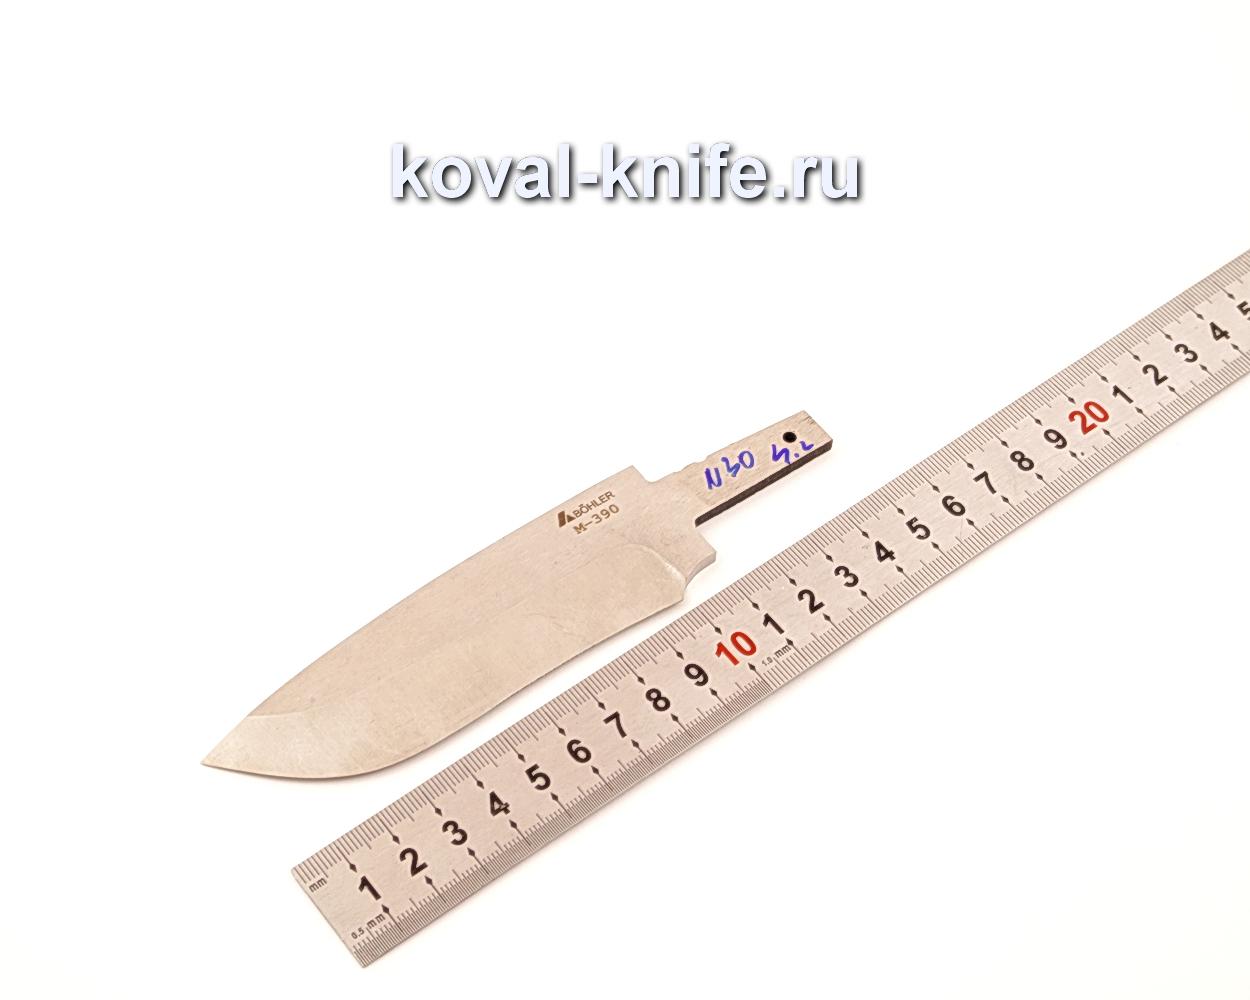 Клинок для ножа из порошковой стали Bohler M390 N30